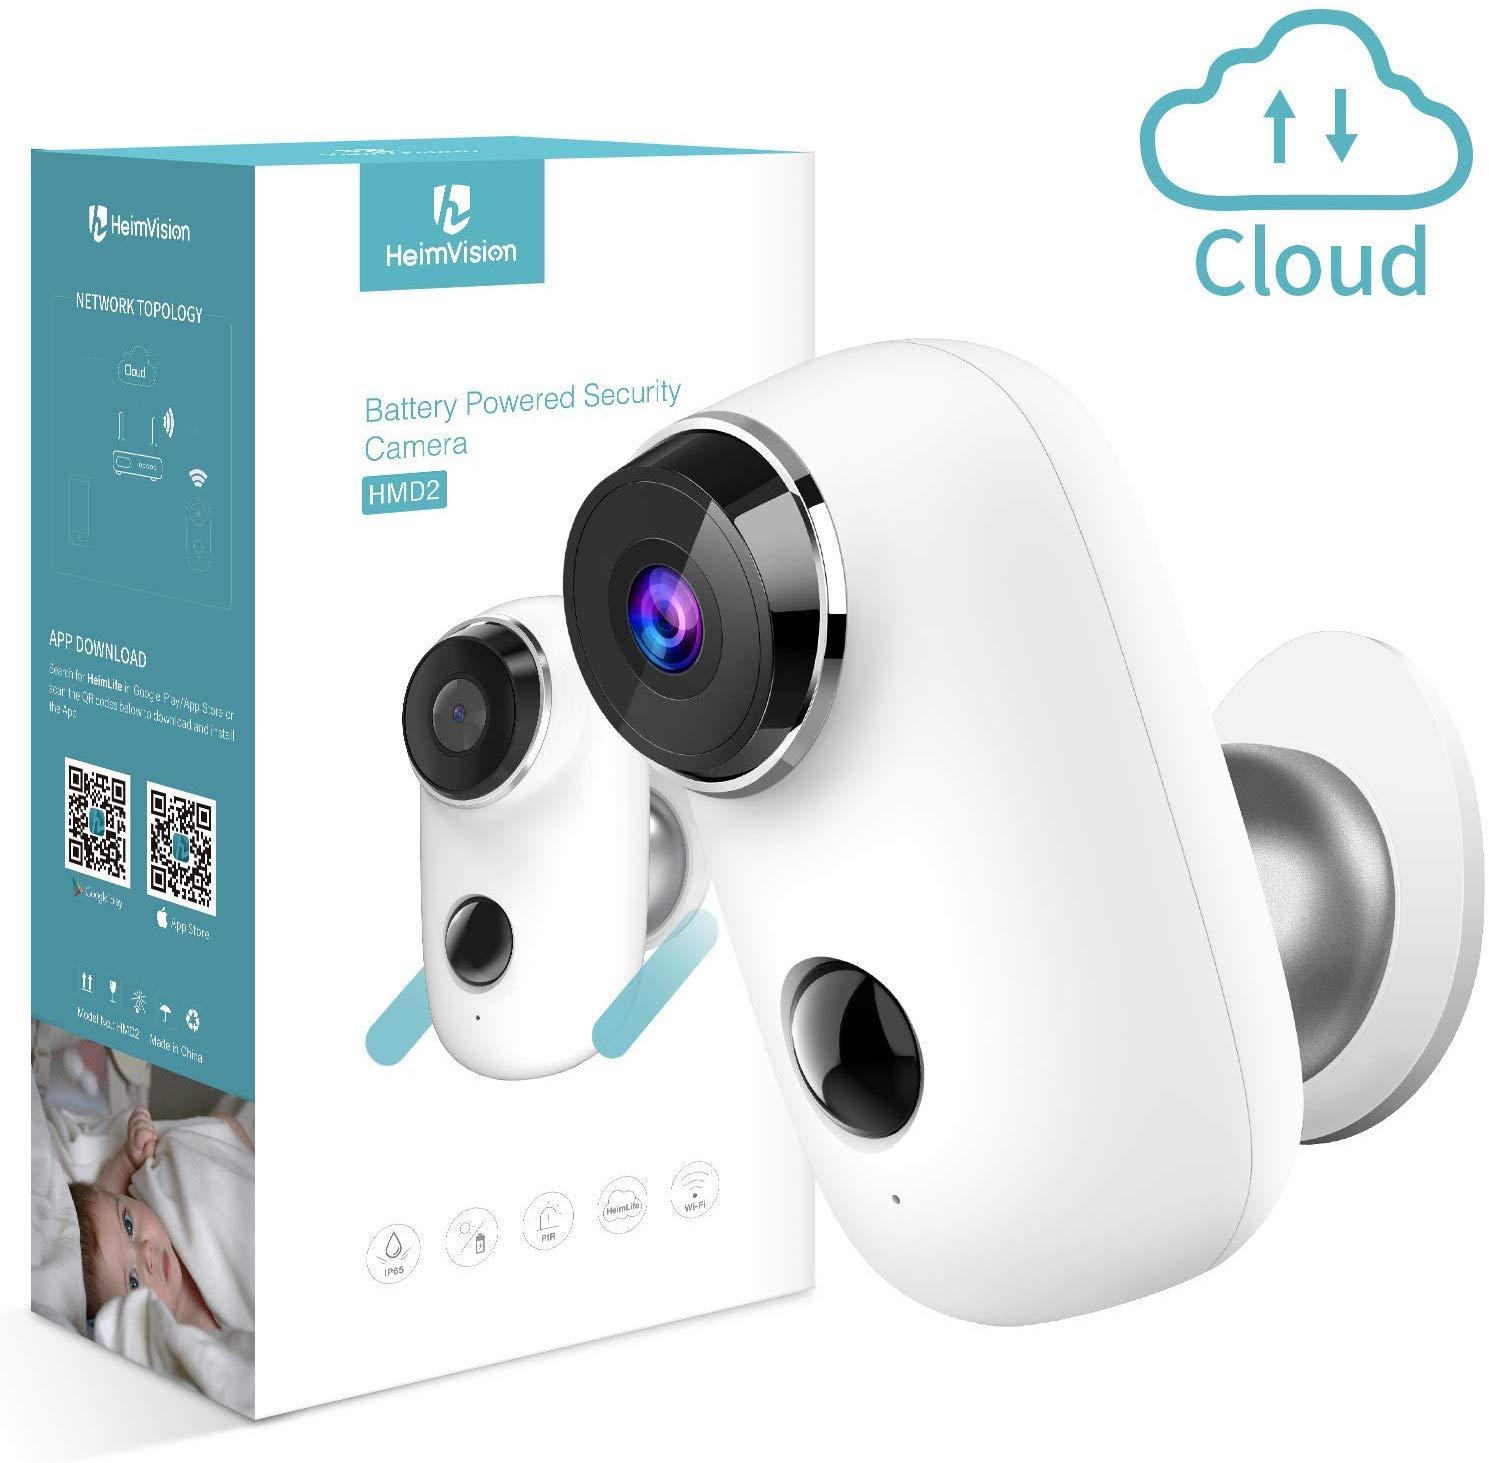 Caméra de Surveillance avec batterie Rechargeable (Via Coupon - Vendeur tiers)